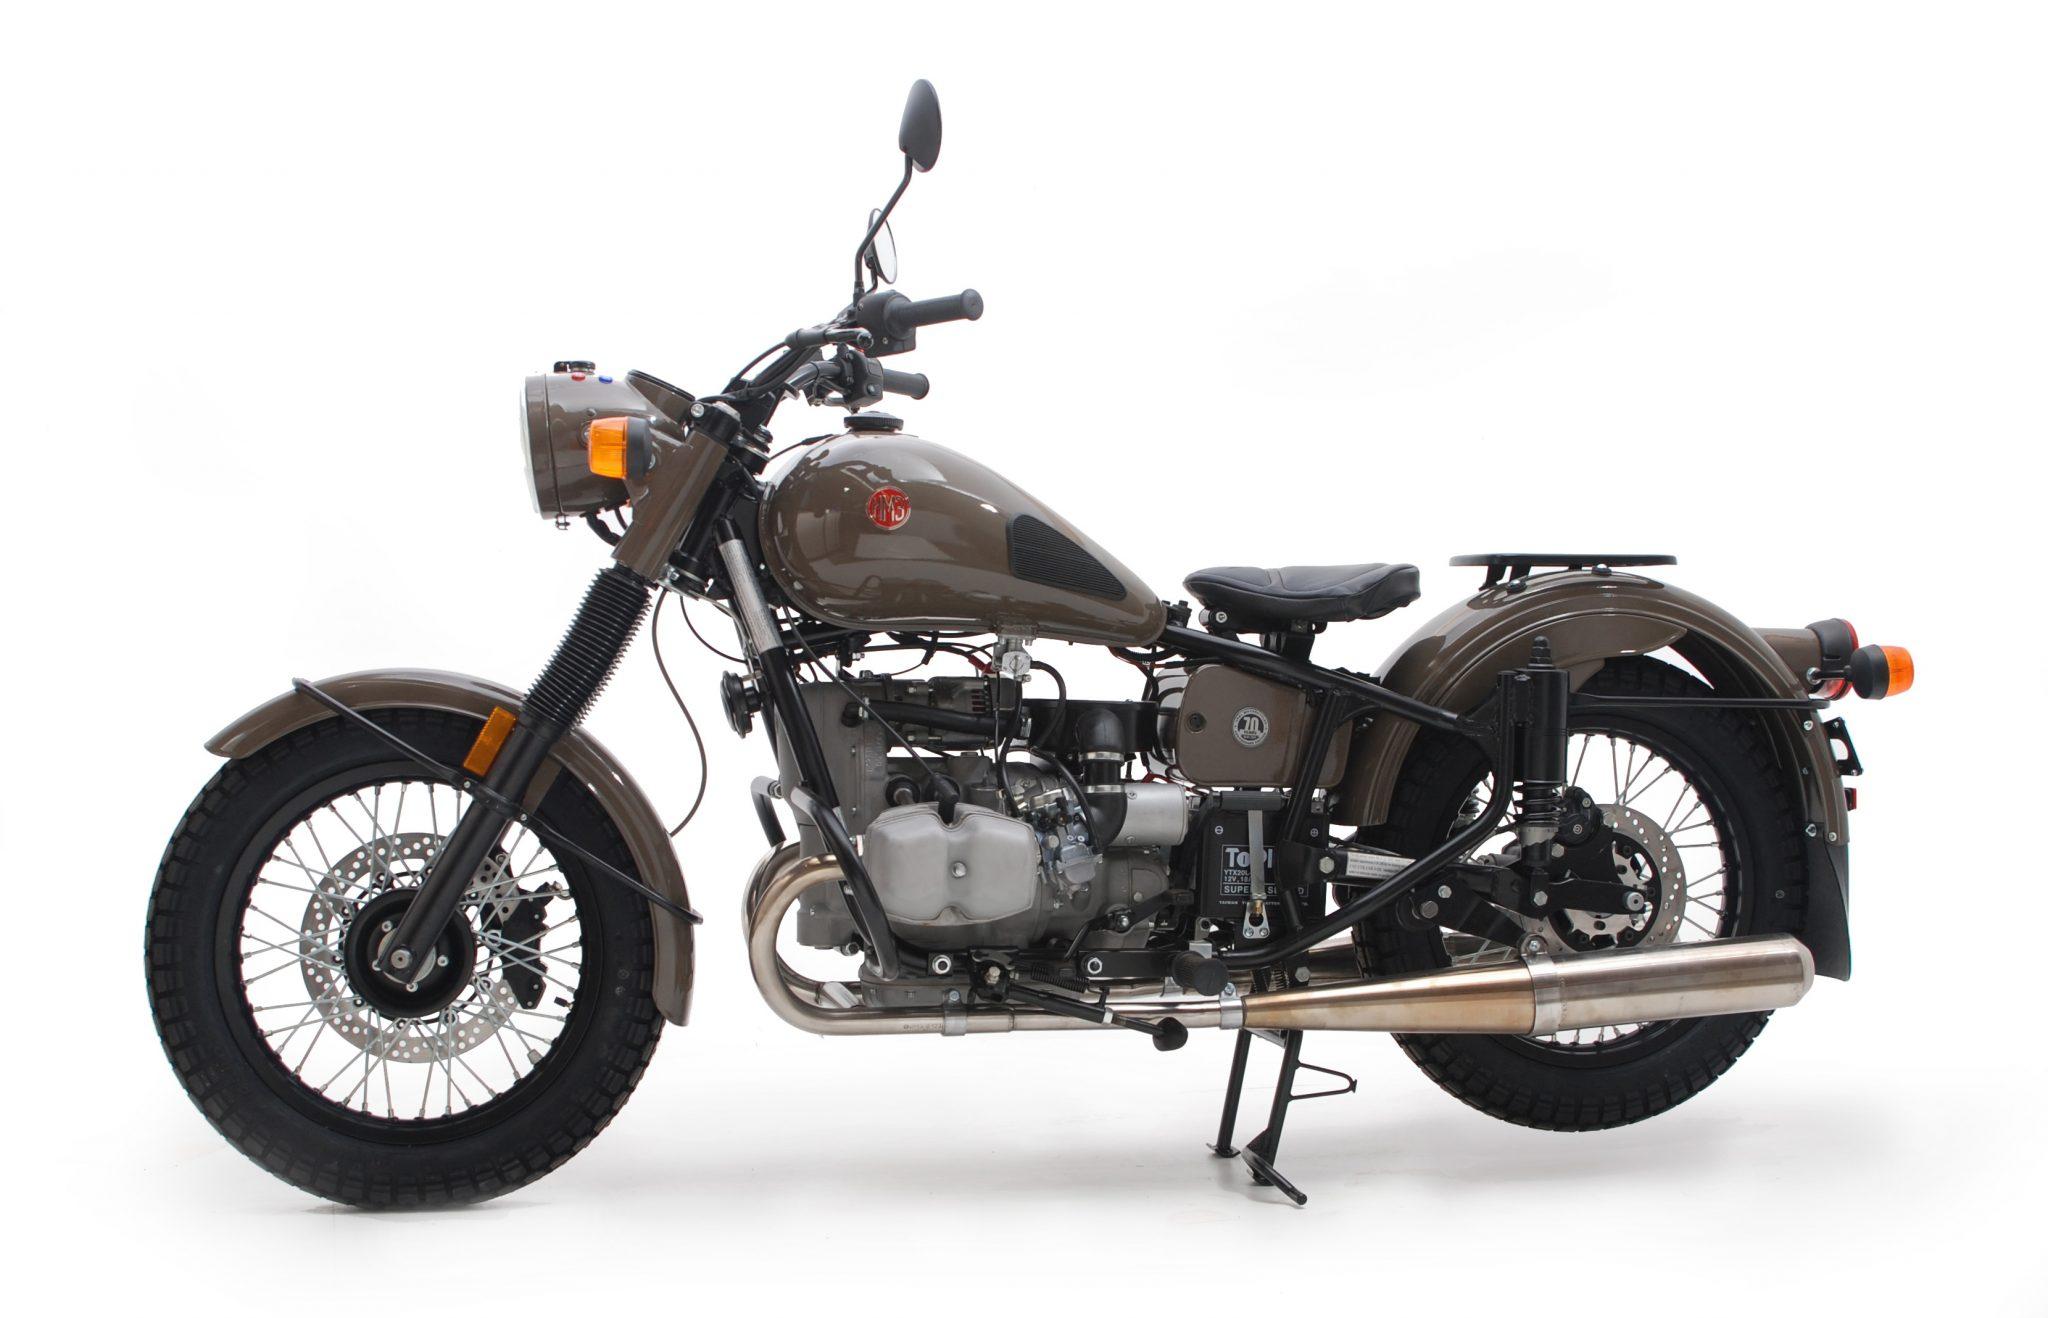 Ural M70 Motorcycle The Ural M70